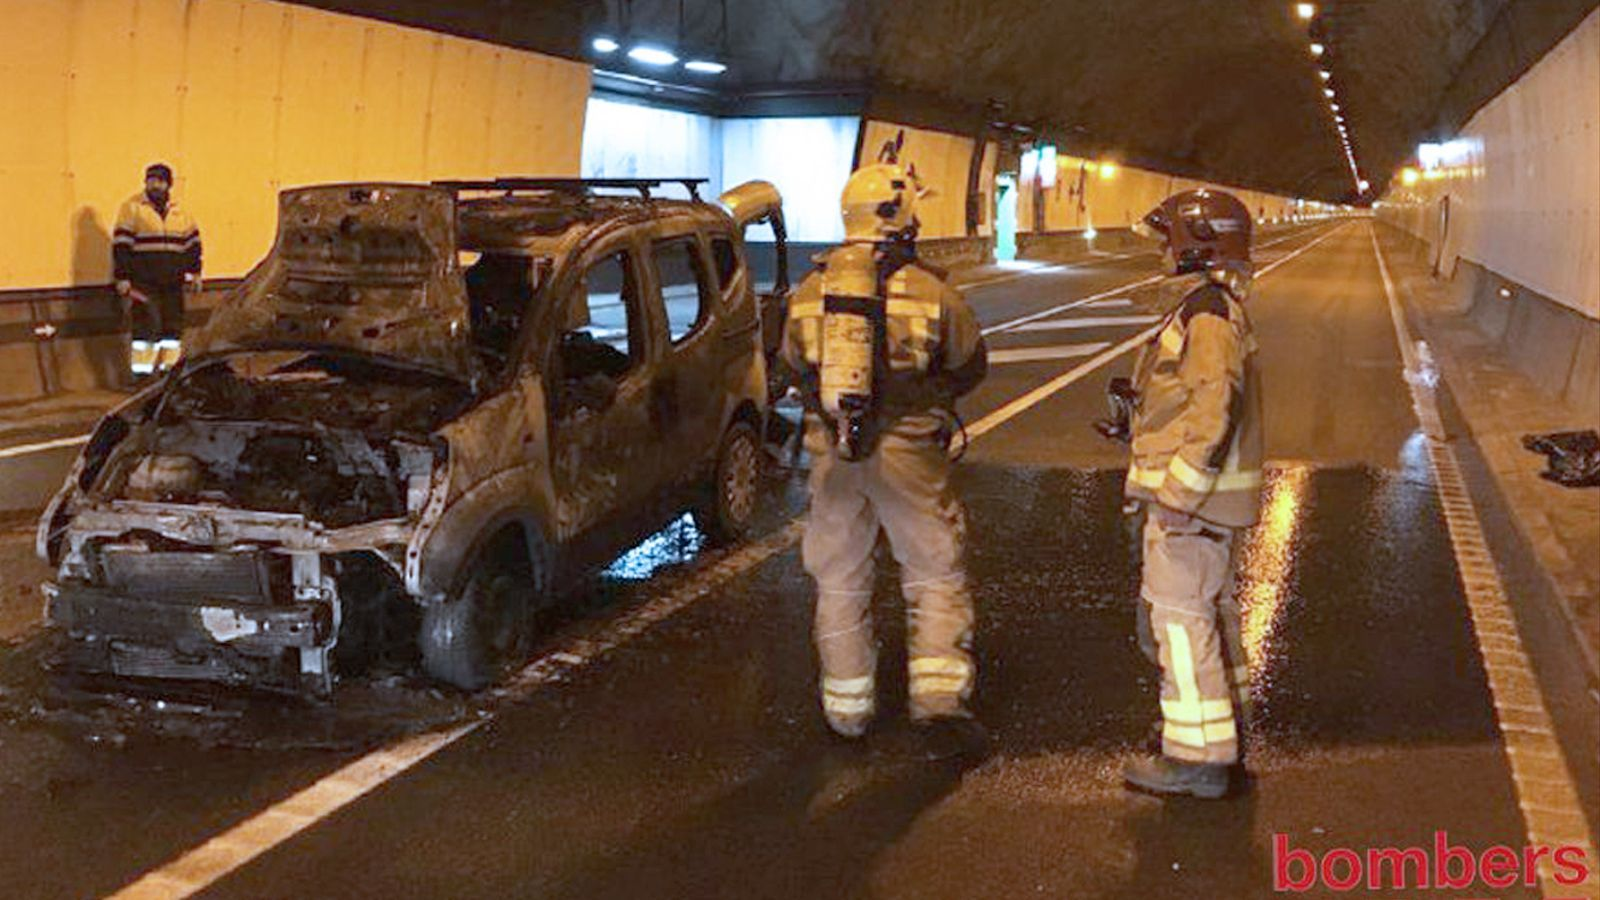 Vehicle calcinat a l'interior del túnel del Cadí / BOMBERS GENERALITAT